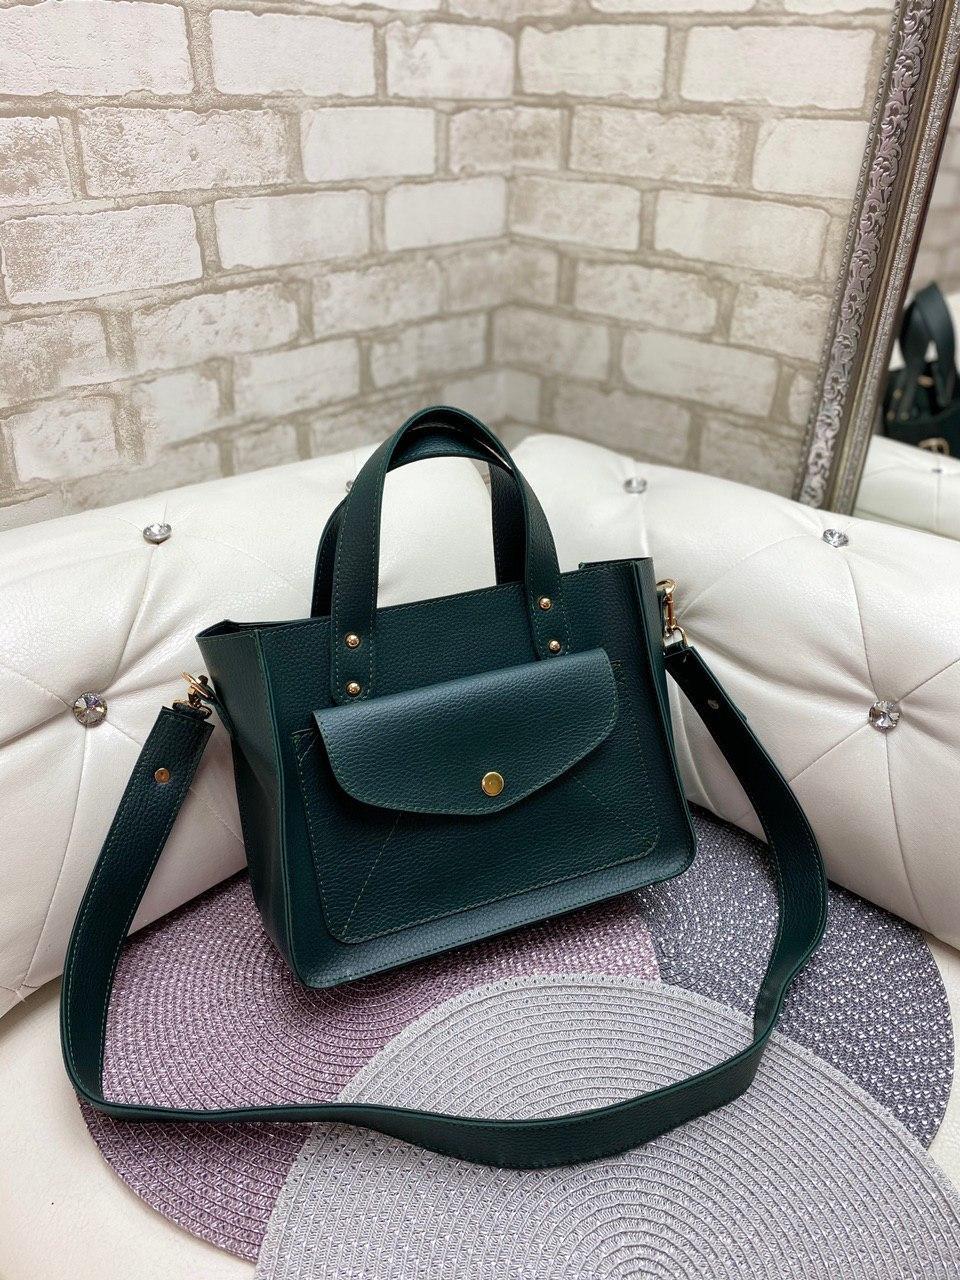 Зеленая женская классическая сумка на плечо средняя модная сумочка кожзам